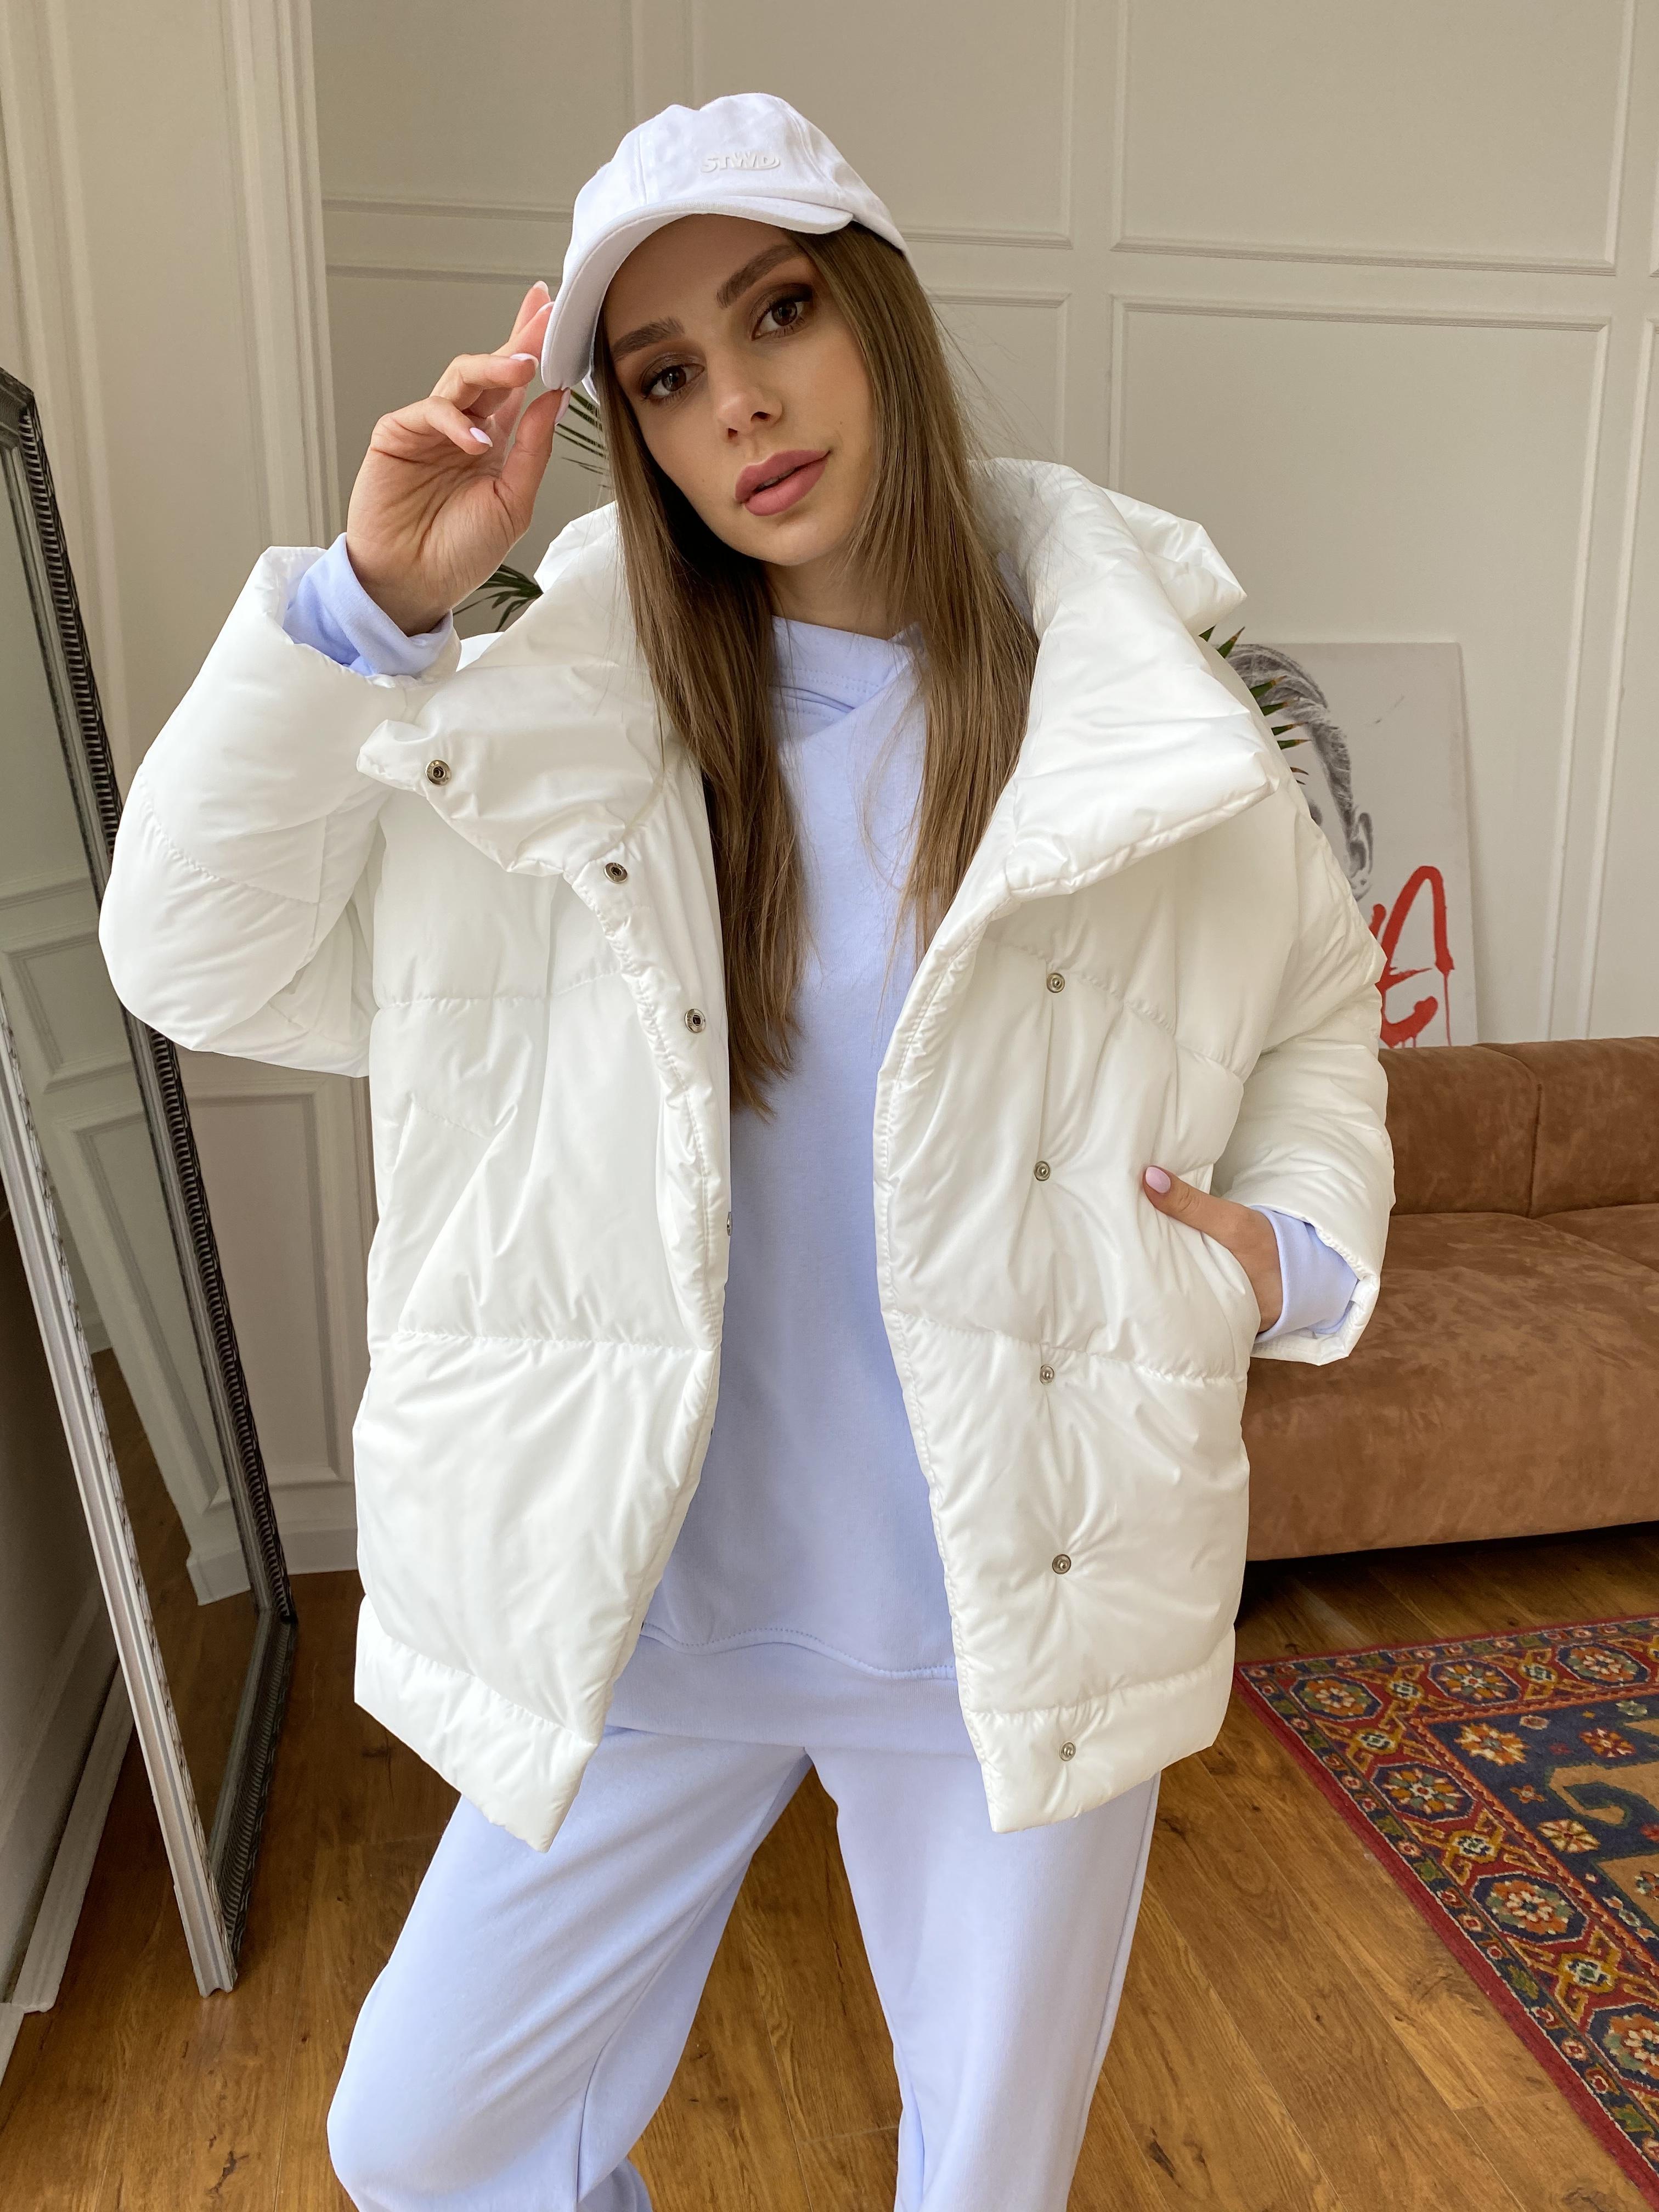 Уно куртка плащевка Ammy 10671 АРТ. 47395 Цвет: Молоко - фото 2, интернет магазин tm-modus.ru